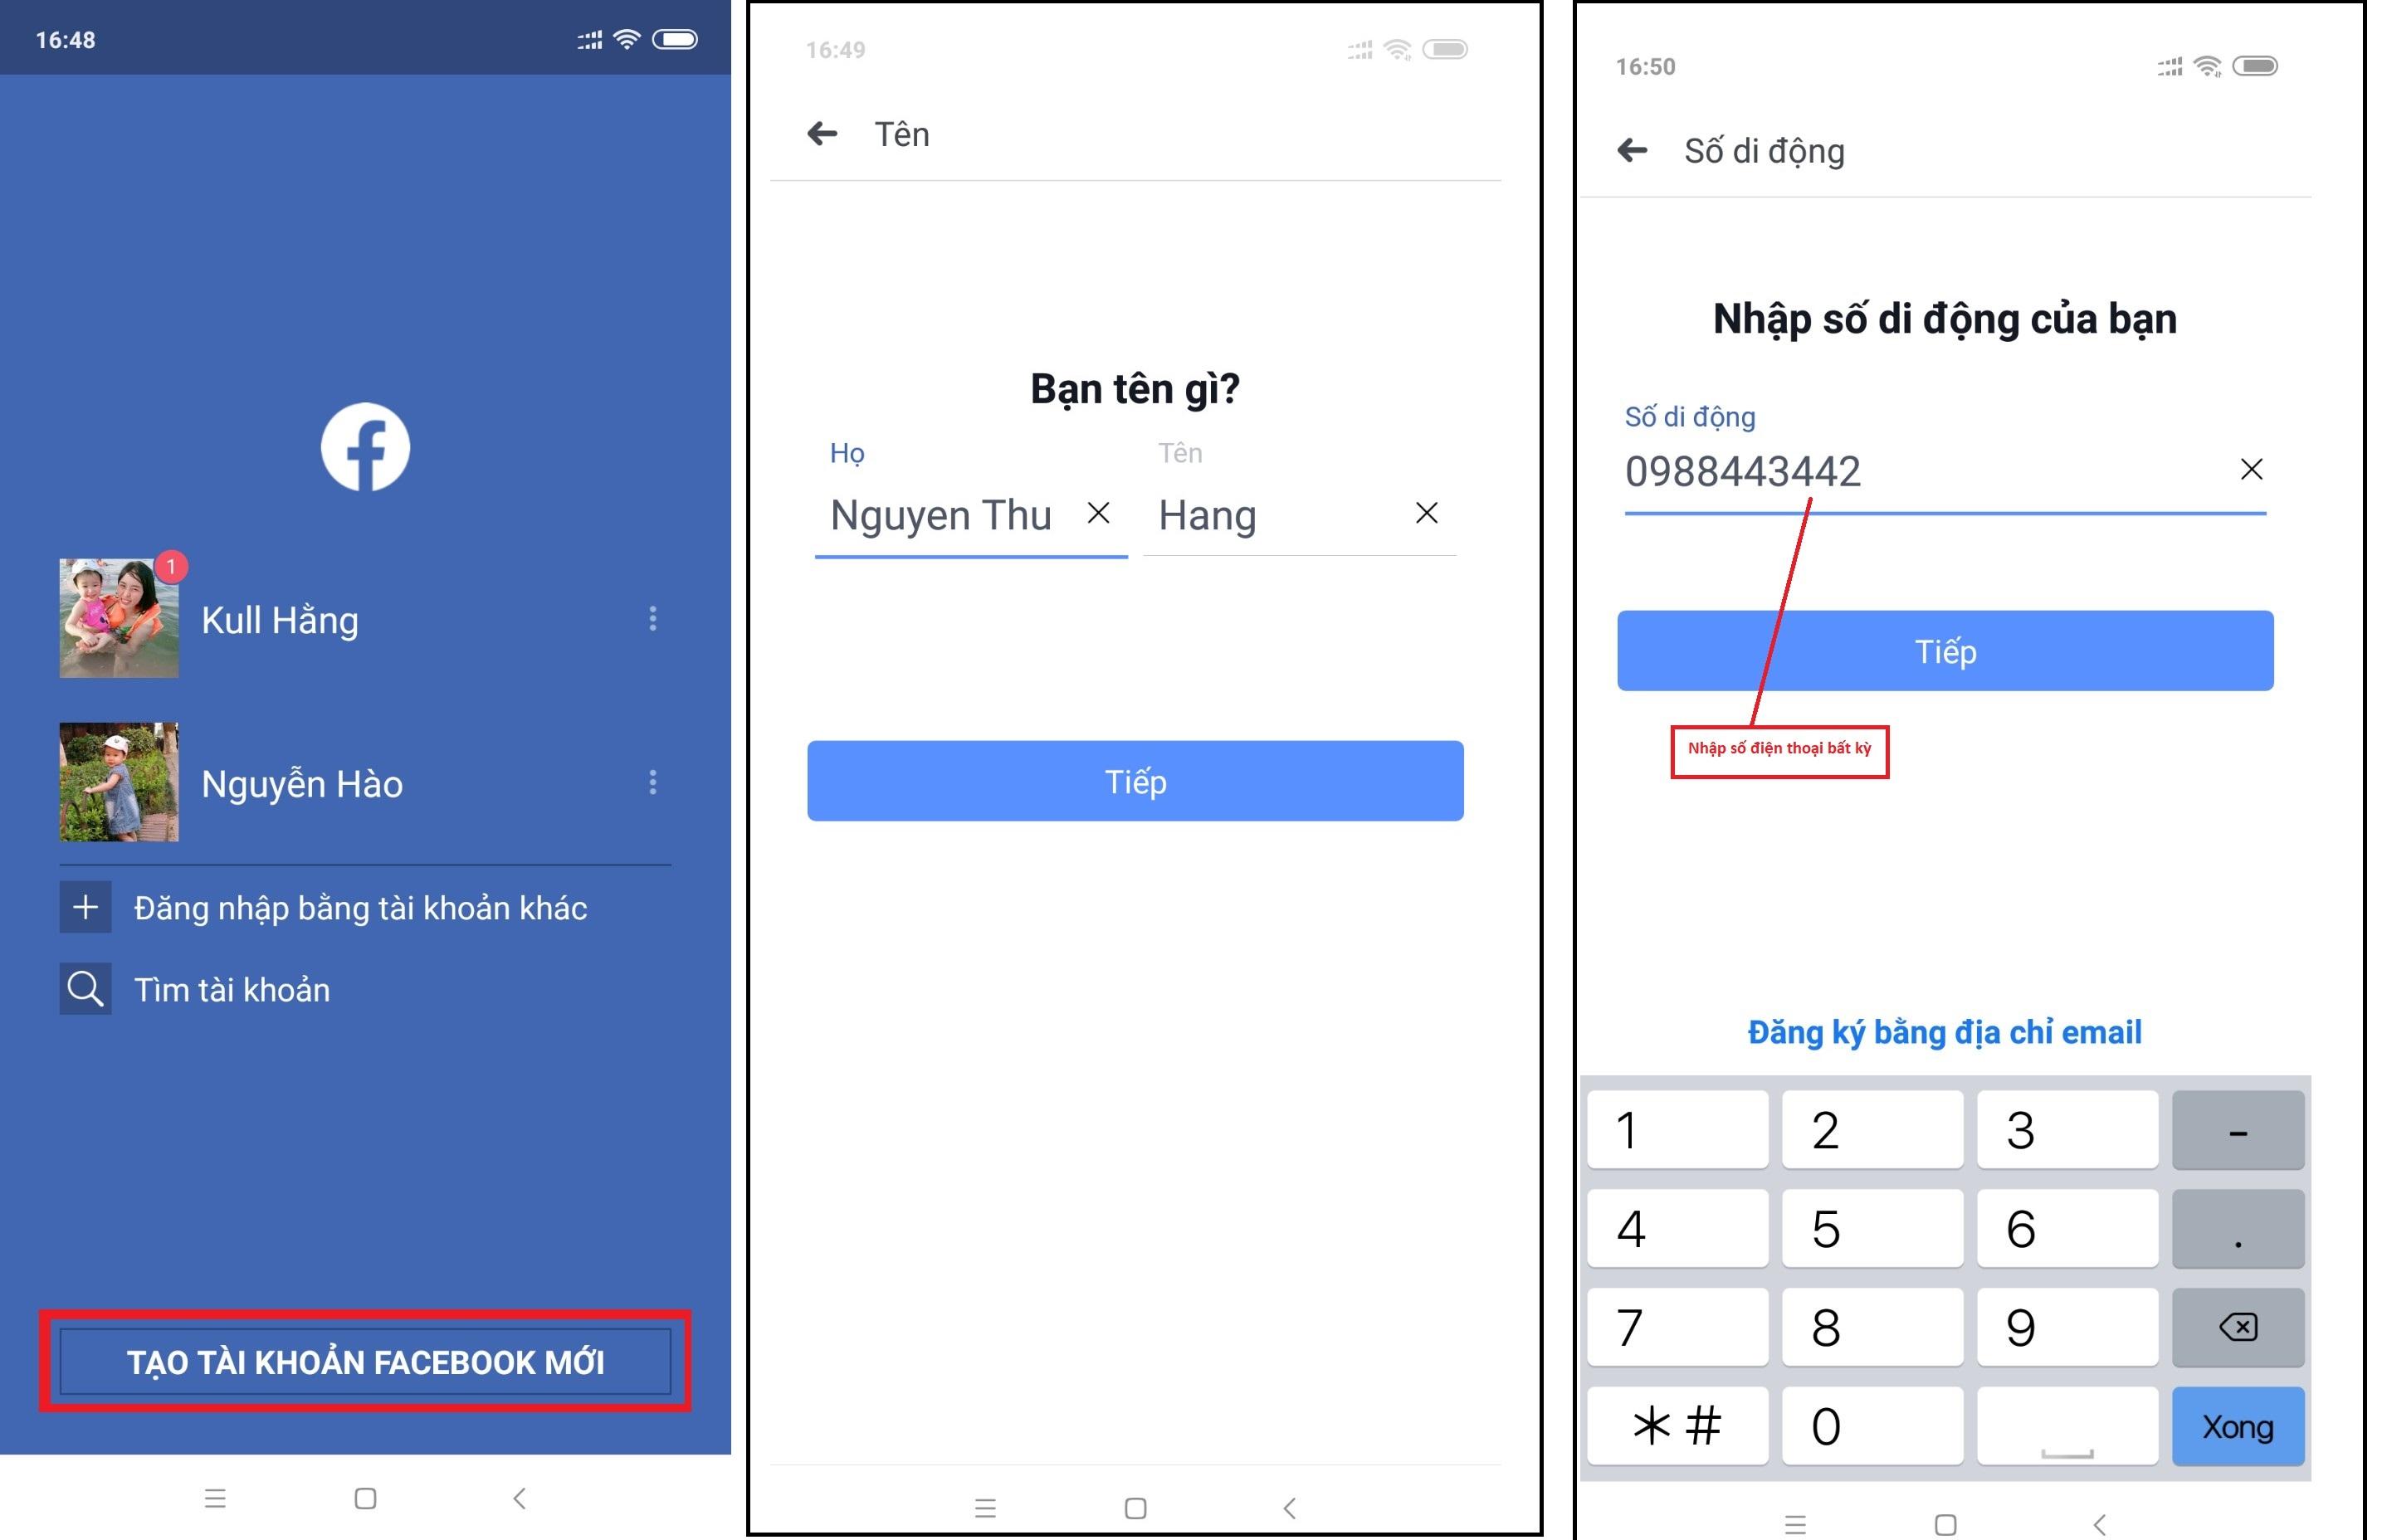 tao tai khoan fb Hướng dẫn tạo nick facebook bằng mail bí danh yahoo